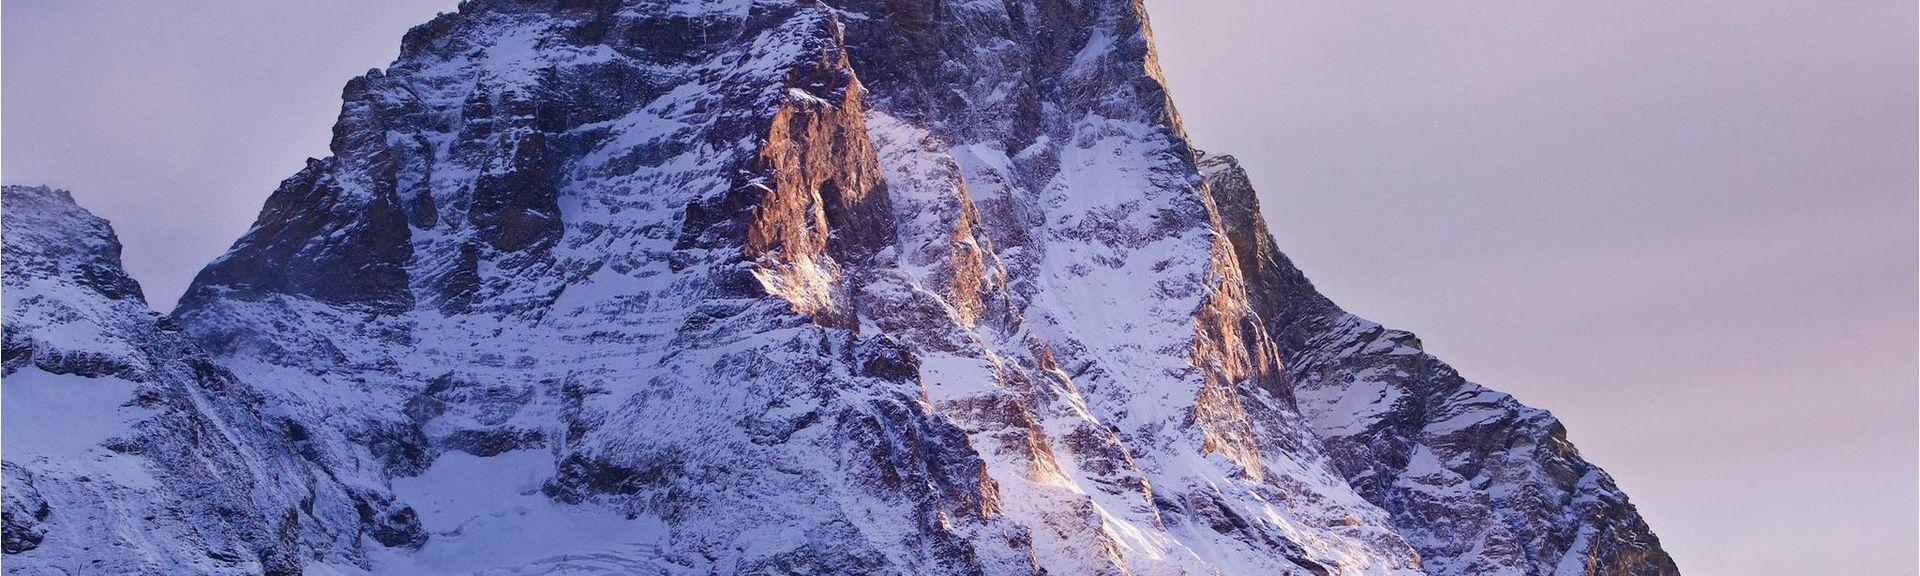 Excenex, Aosta, Valle d'Aosta, Italy